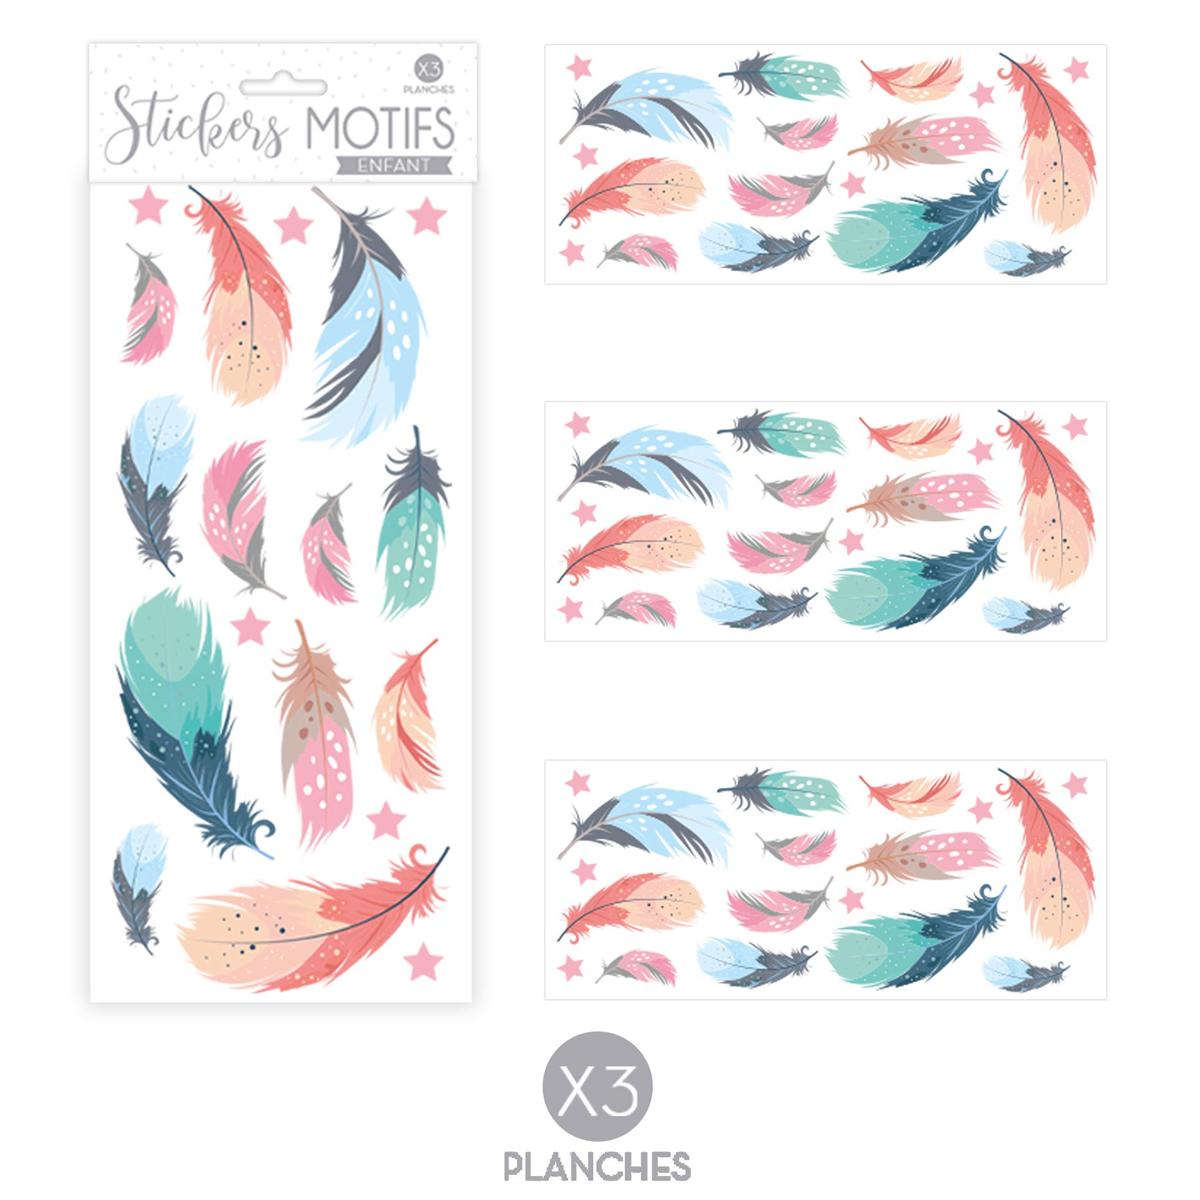 3 planche de stickers \'Plumes\' bleu vert rose - 30x13 cm - [R3418]